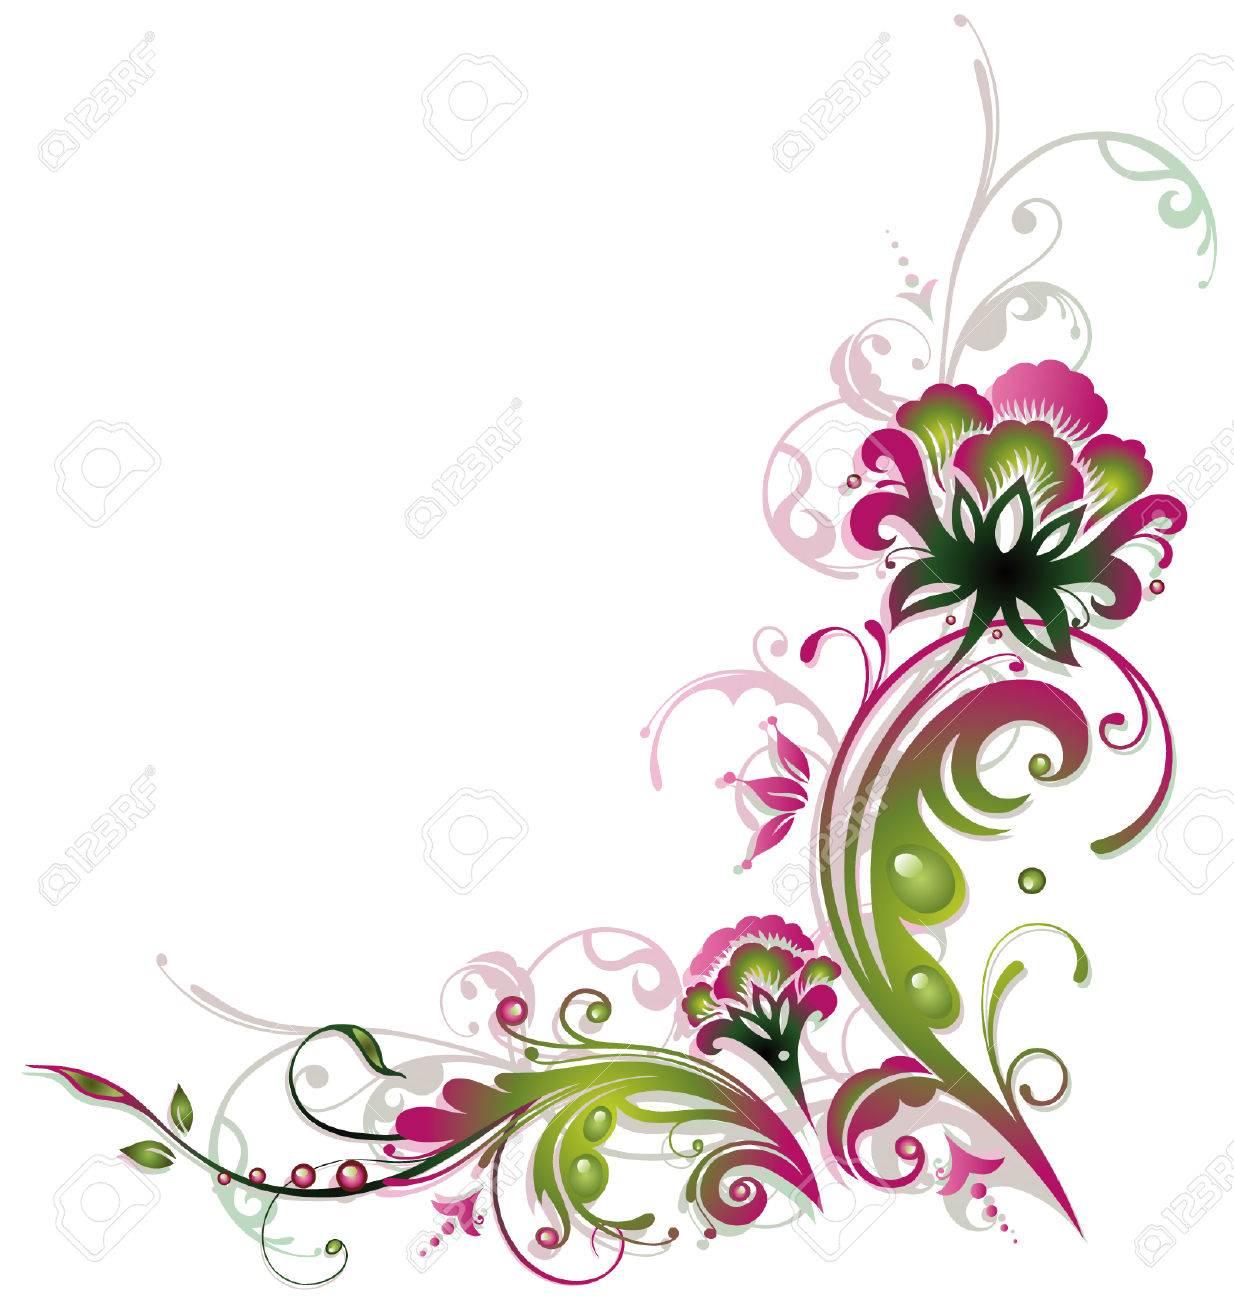 décoration colorée de fleur, rose et vert, cru clip art libres de